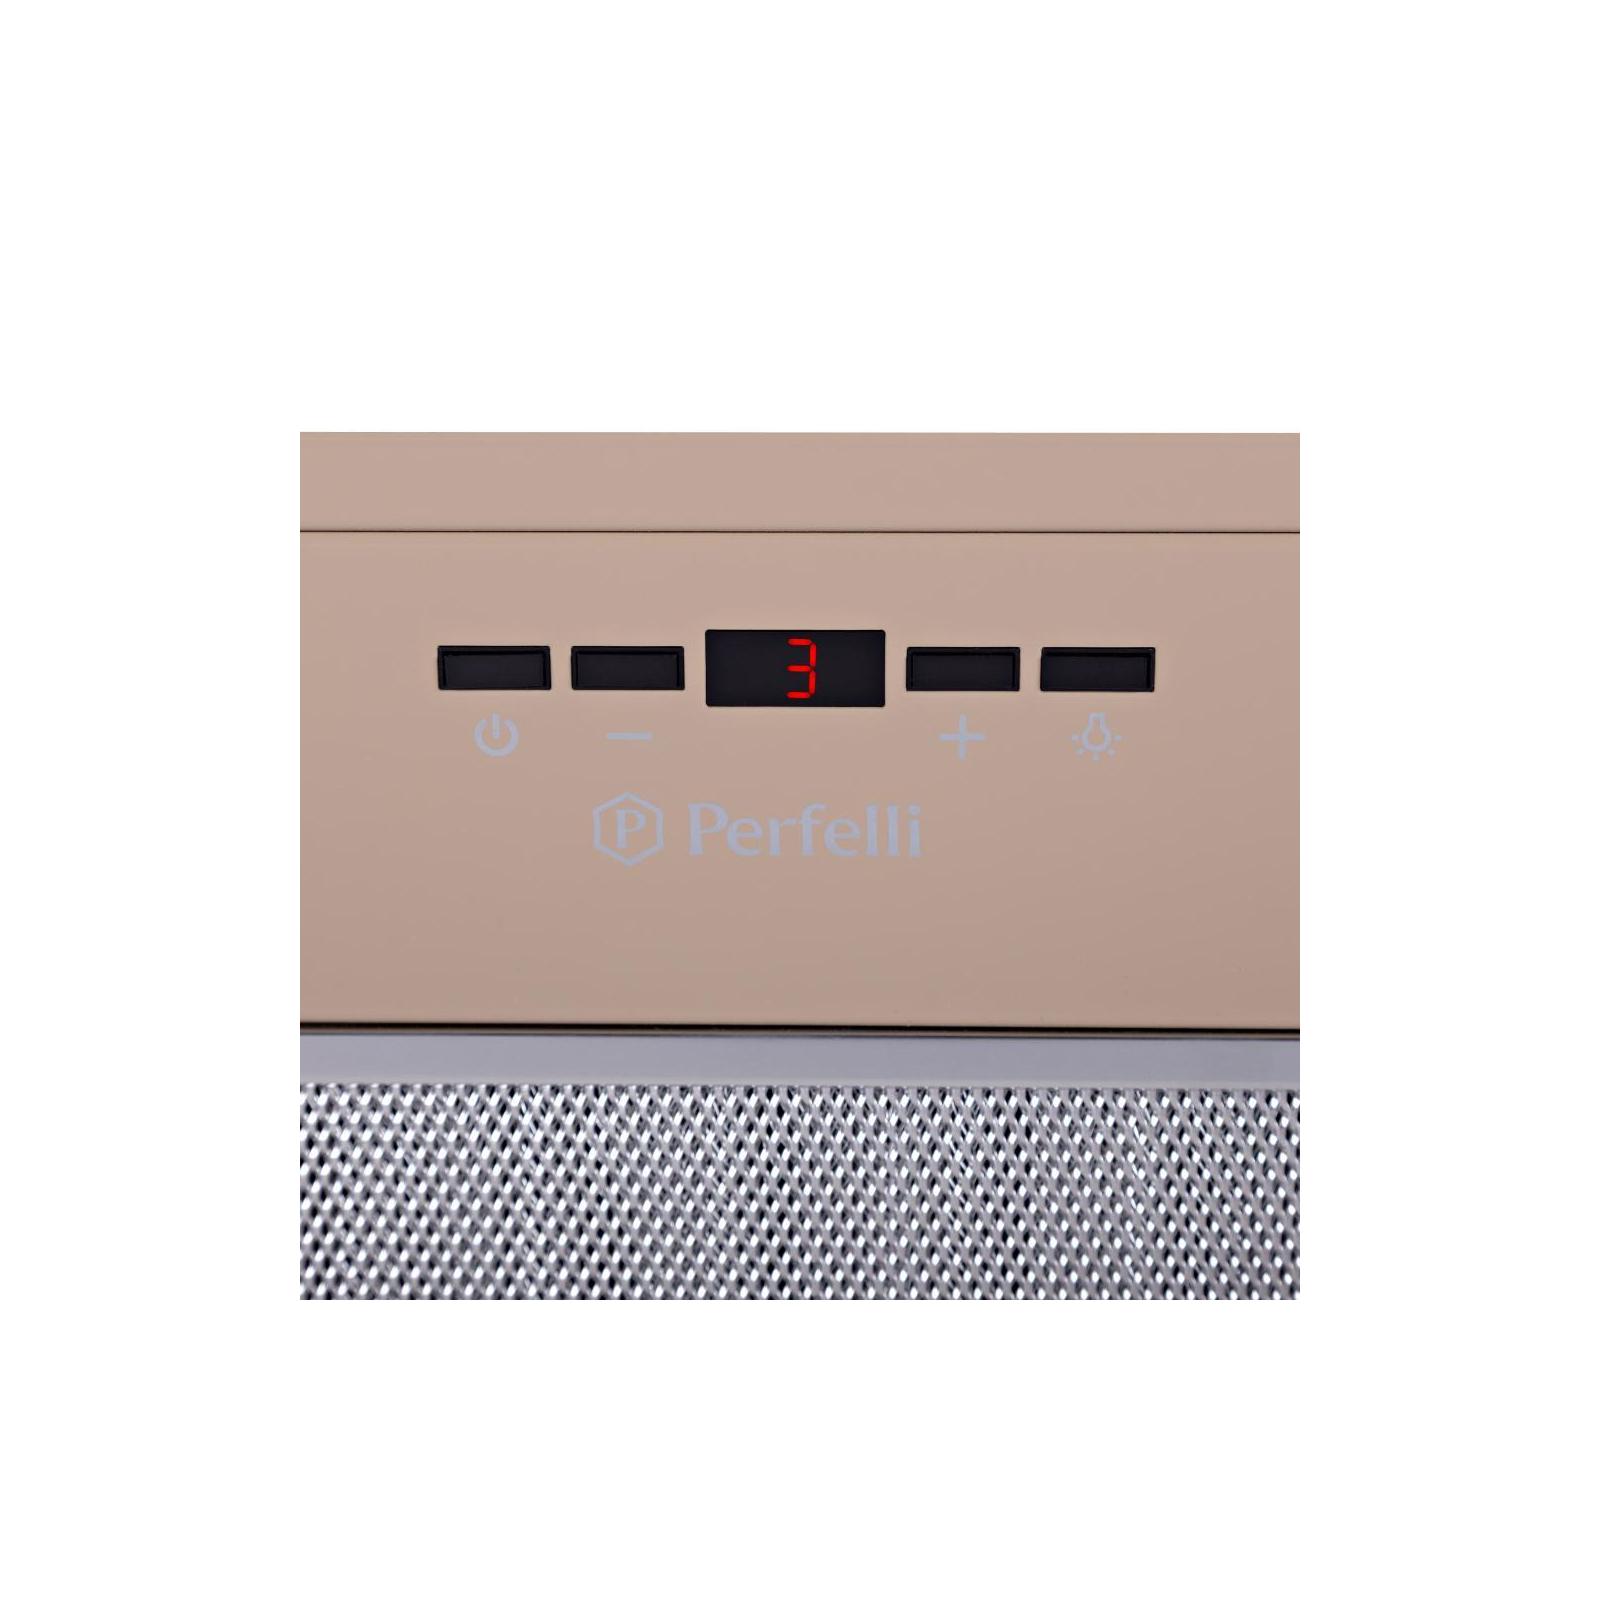 Вытяжка кухонная PERFELLI BIET 6512 A 1000 DARK IV LED изображение 5